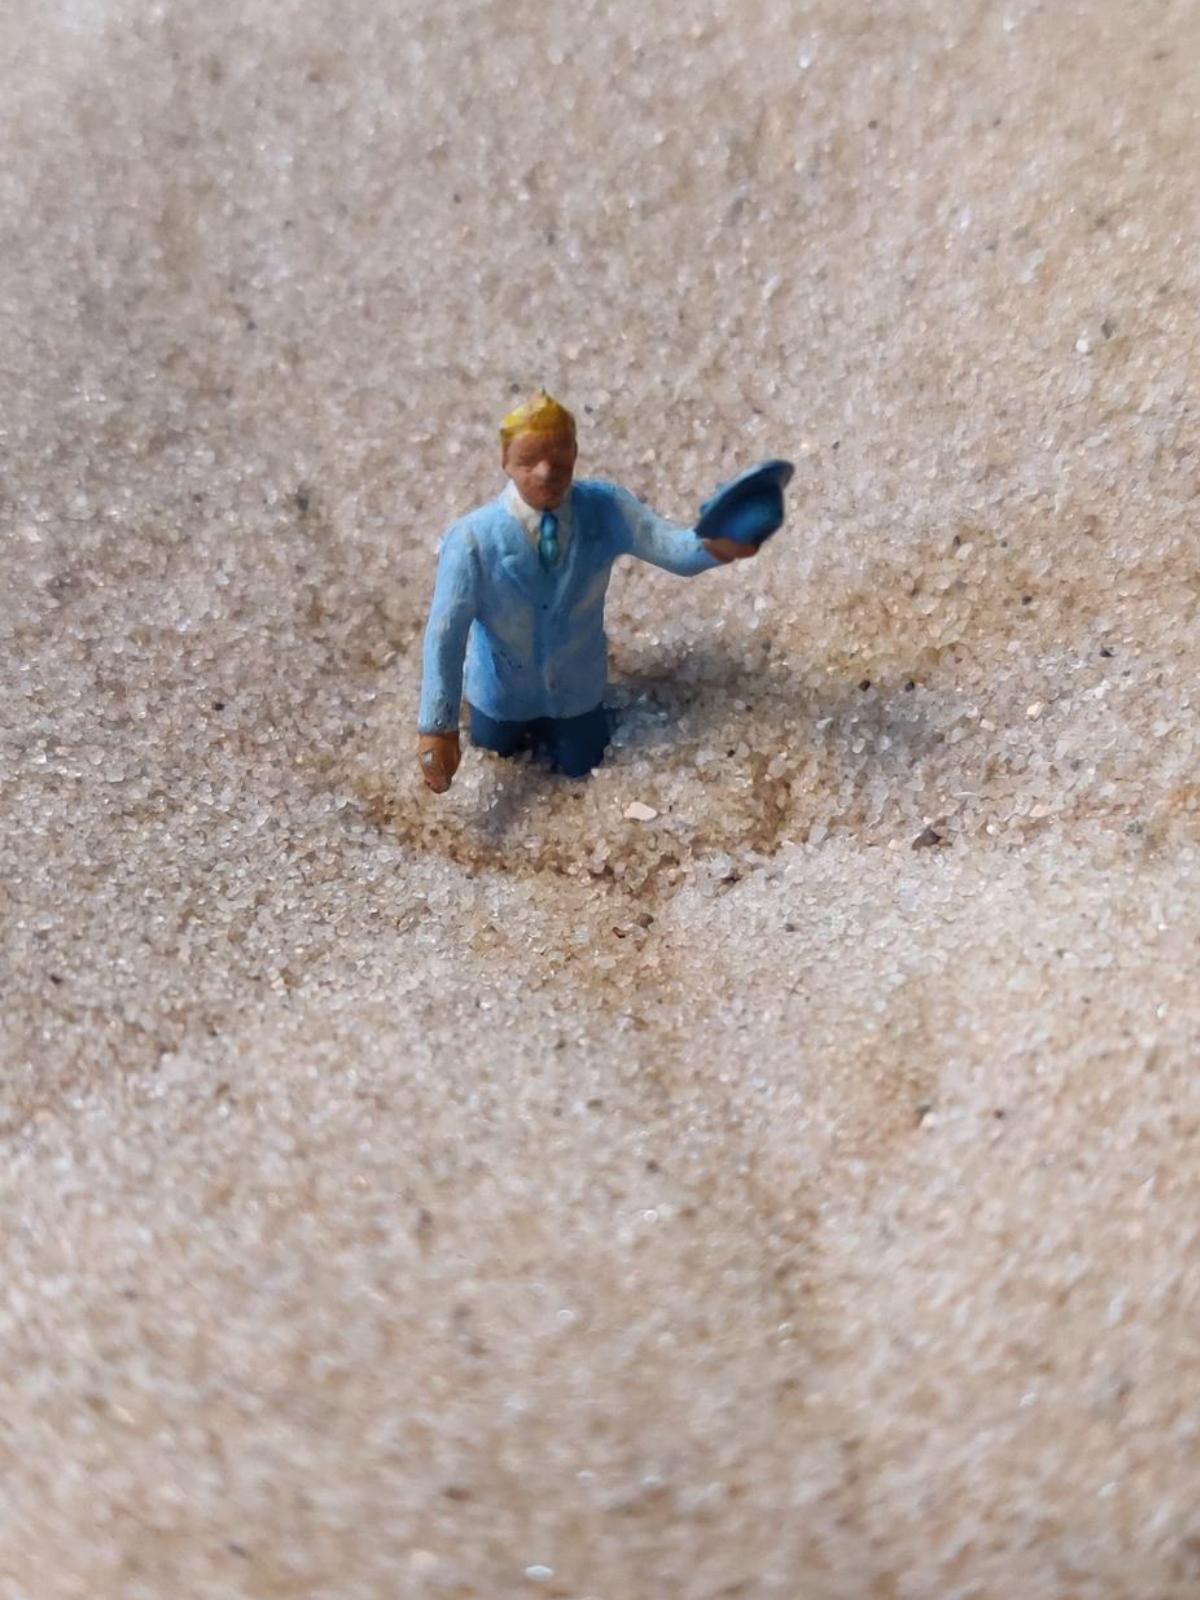 Lähmende Entscheidungen: der Weg aus dem Treibsand